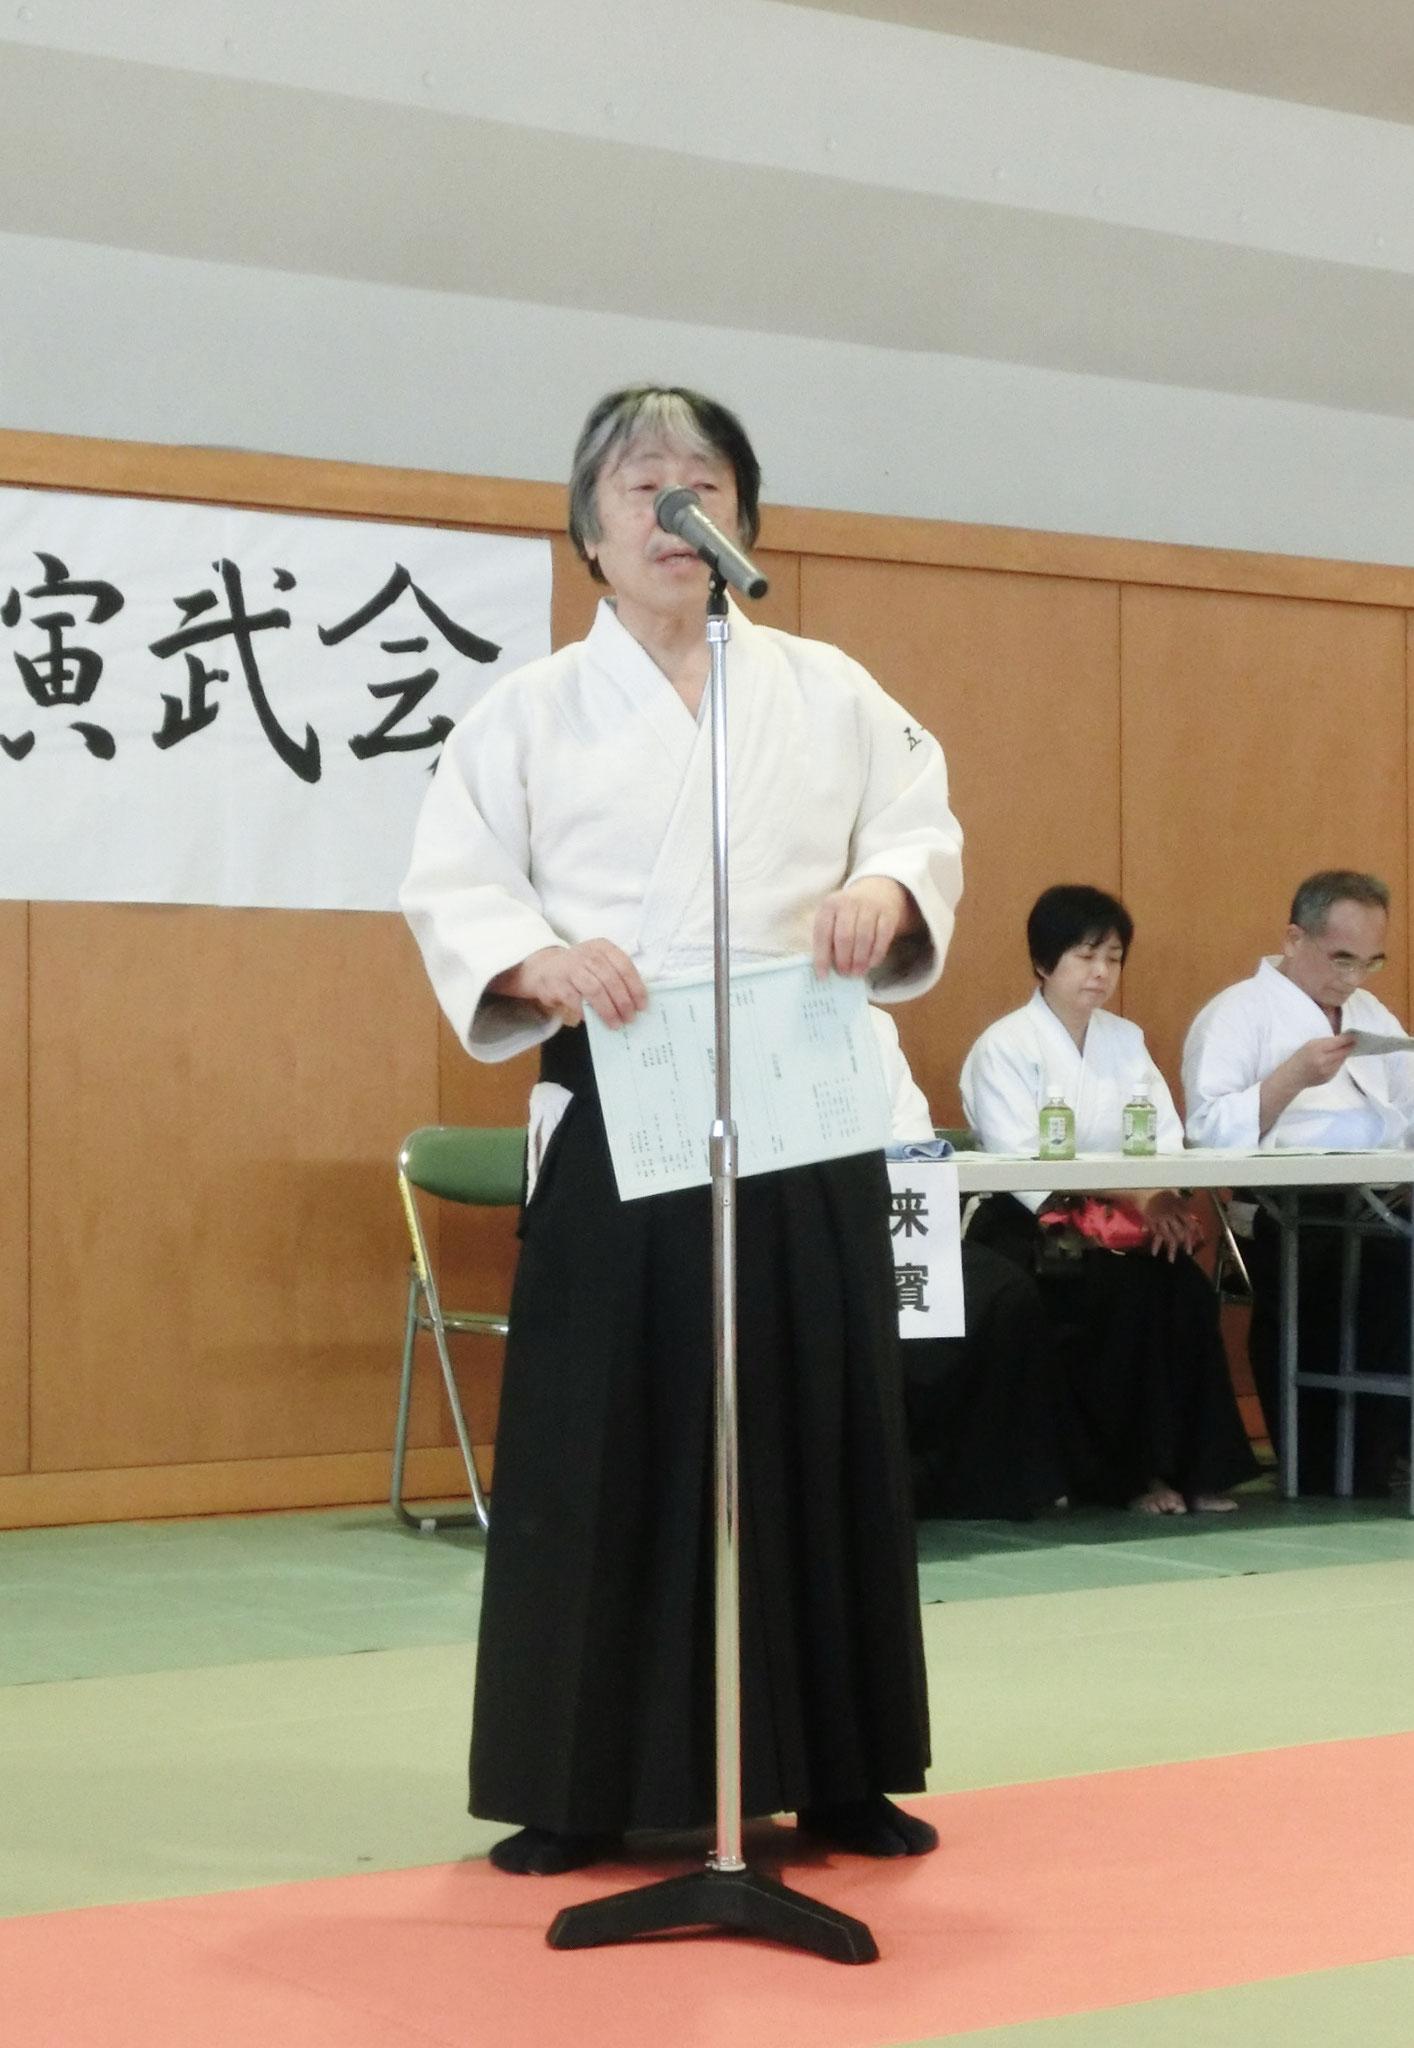 五十嵐先生のお言葉!!!